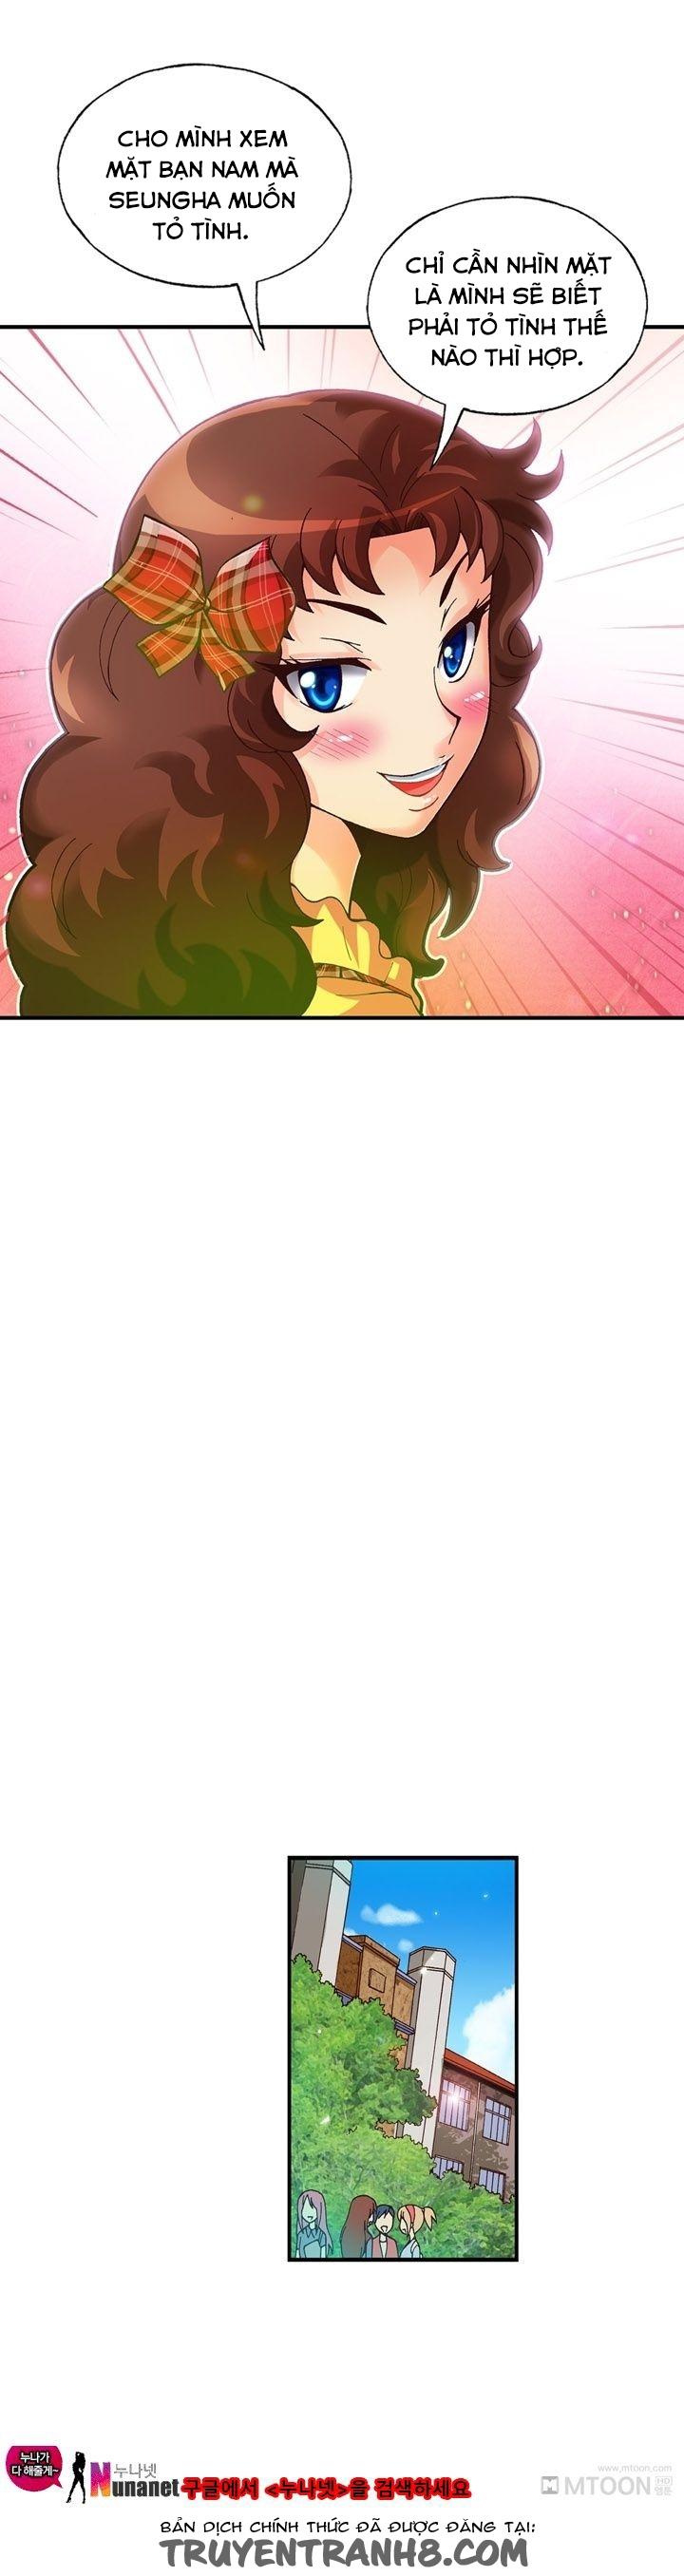 Hình ảnh 21 trong bài viết [Siêu phẩm] Hentai Màu Xin lỗi tớ thật dâm đãng